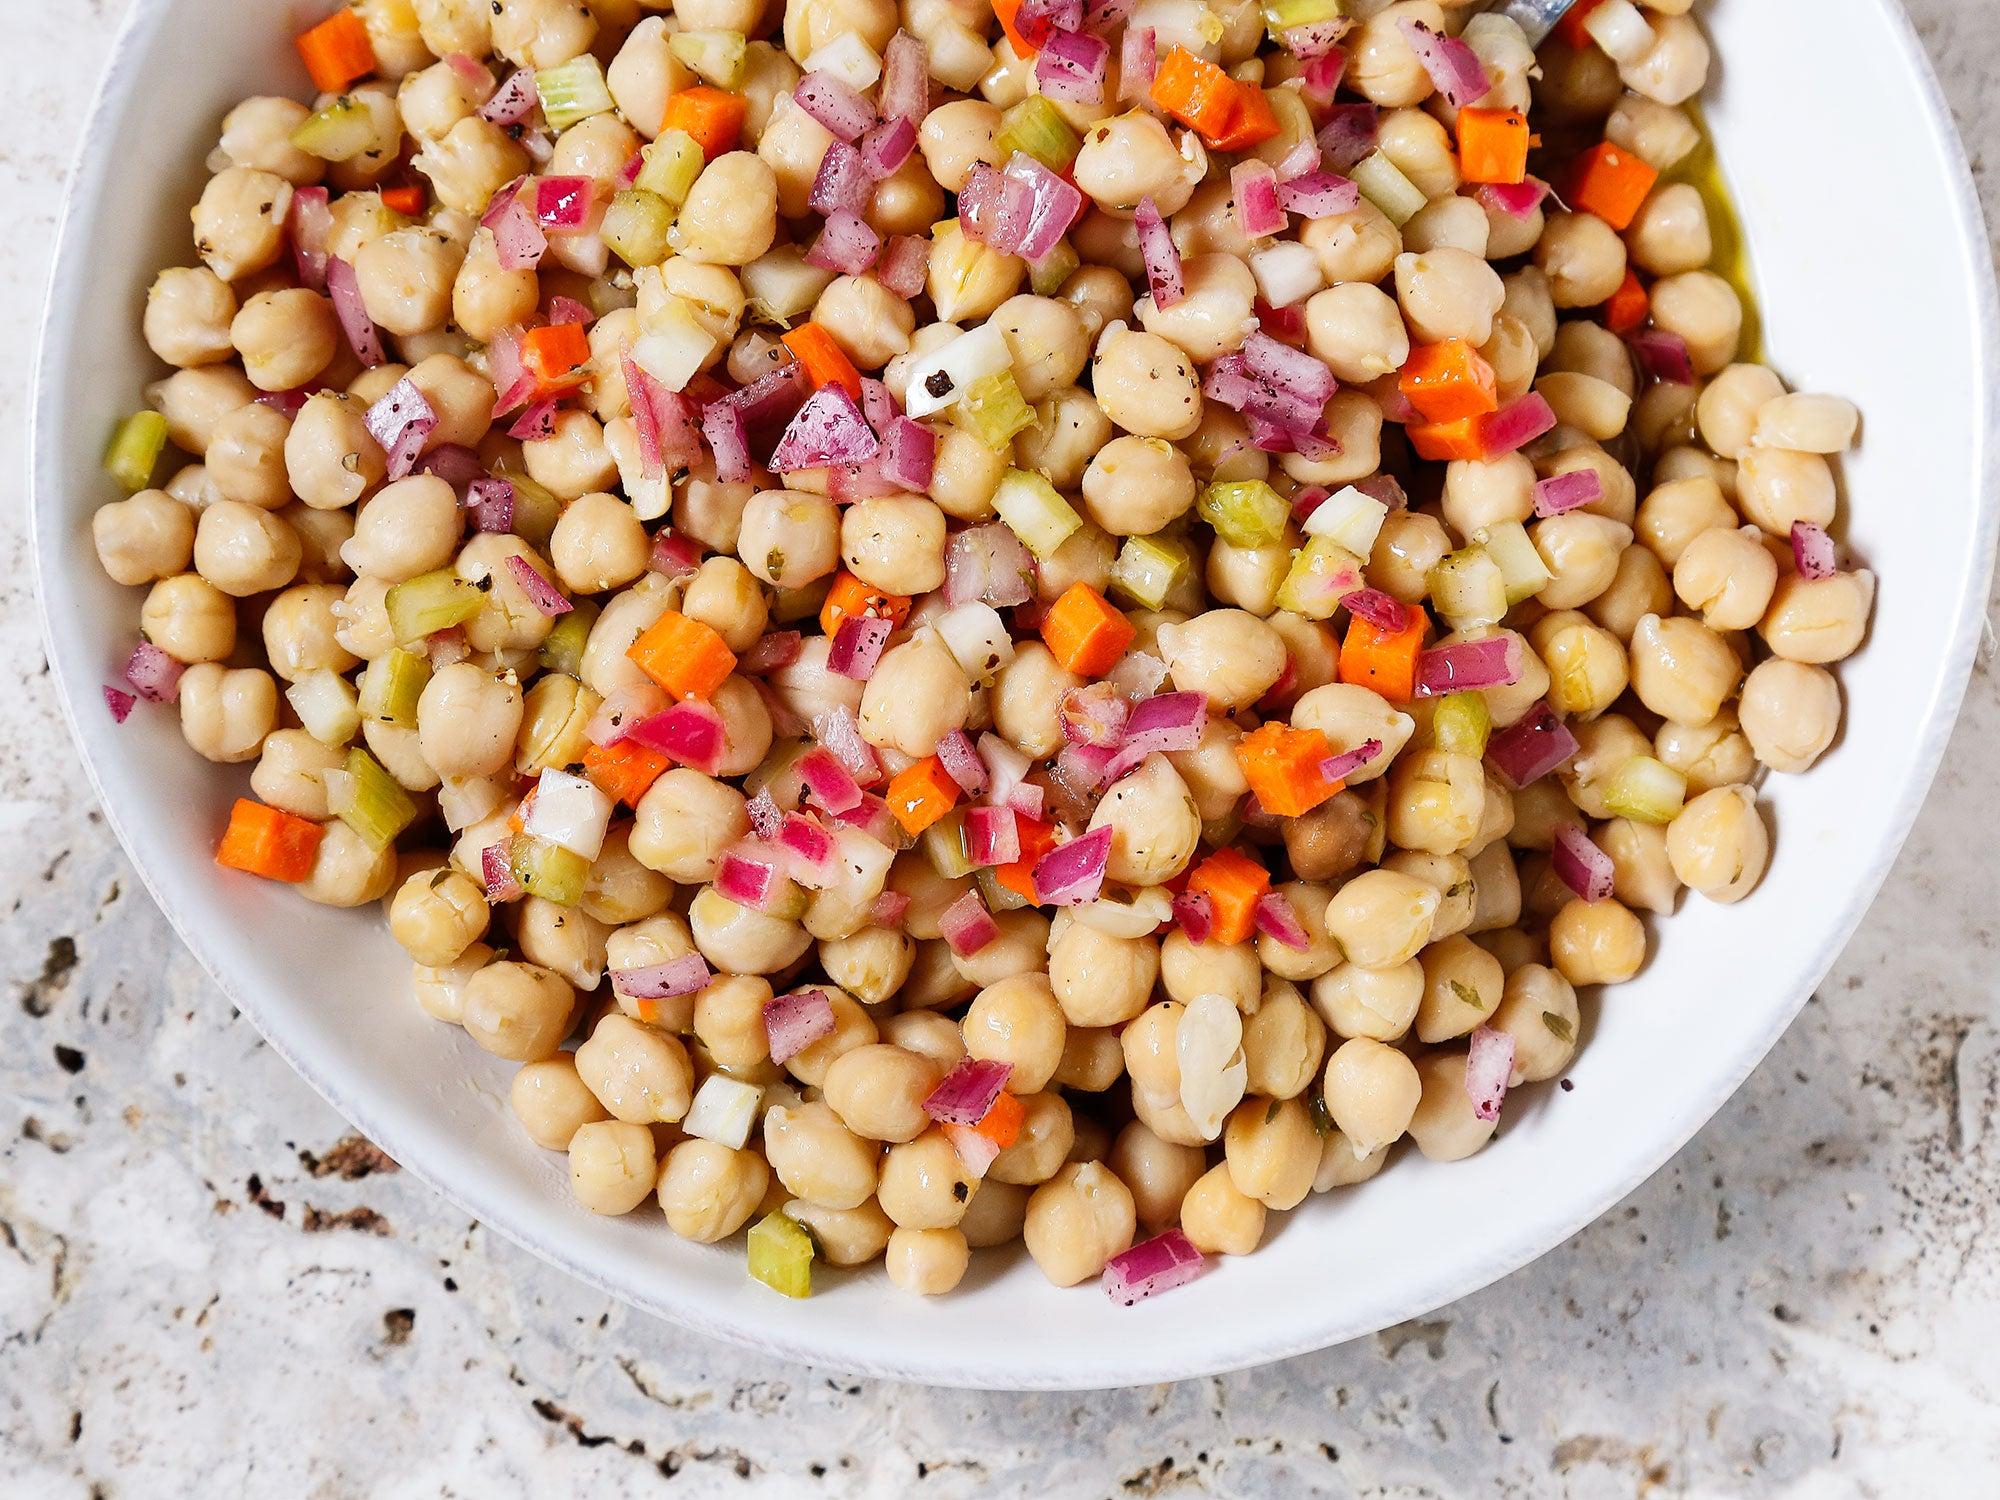 Braised Chickpea Salad